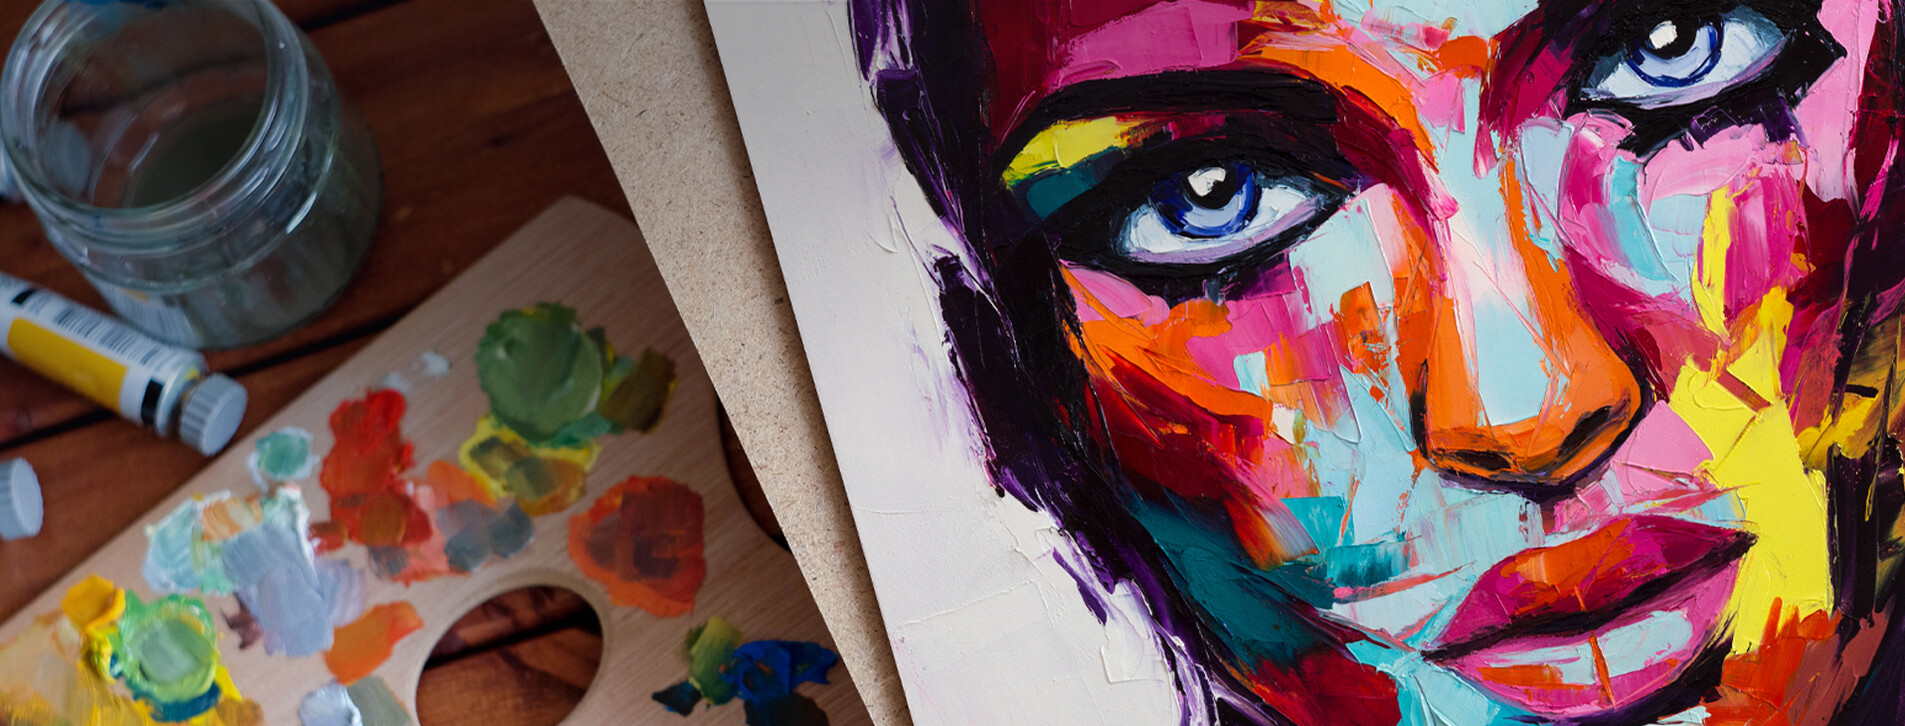 Фото 1 - Мастер-класс живописи в стиле поп-арт для двоих